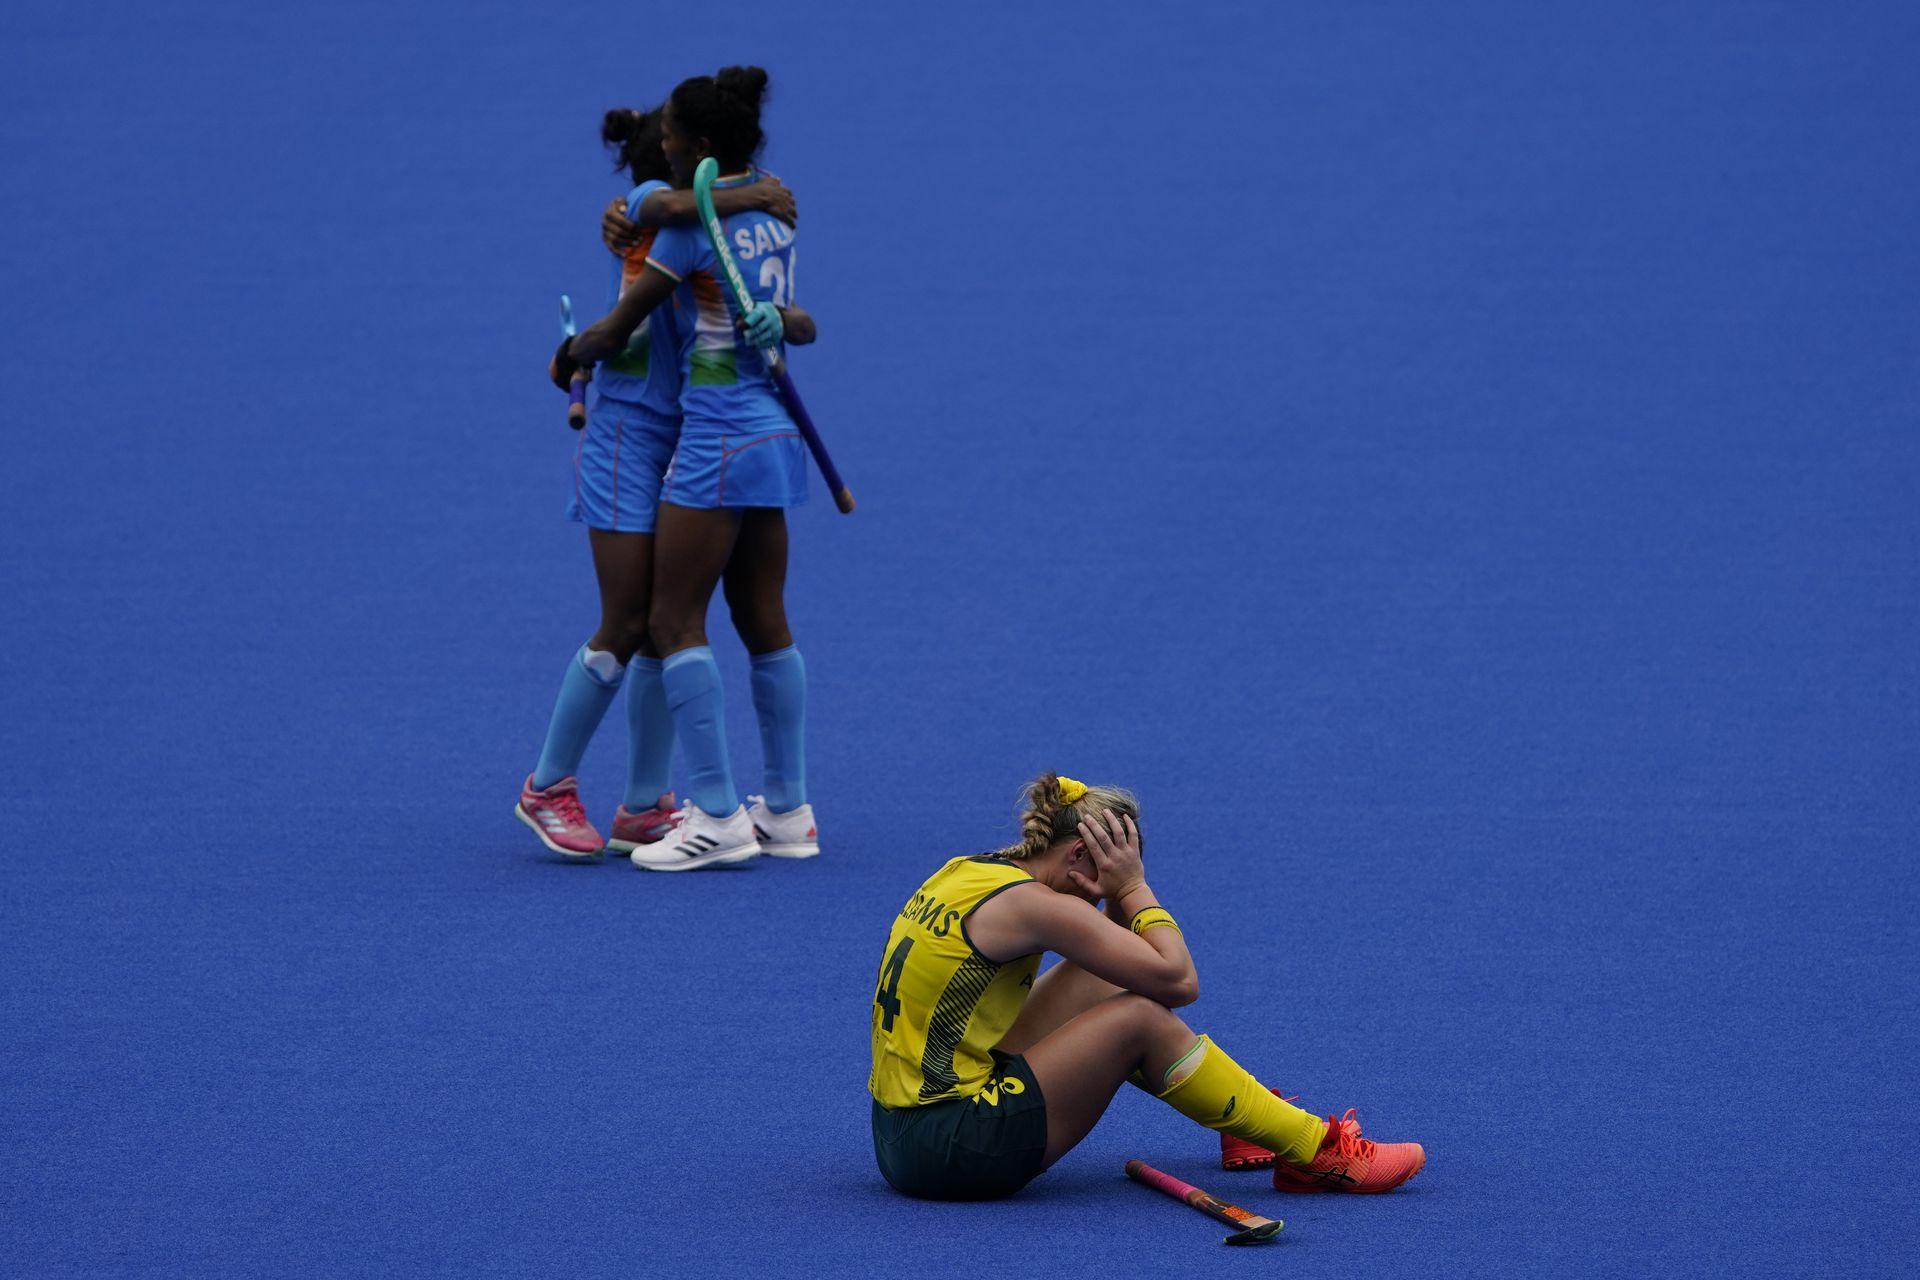 La australiana Mariah Williams, abajo, se sienta en la cancha después de perder su partido de hockey sobre césped femenino contra India